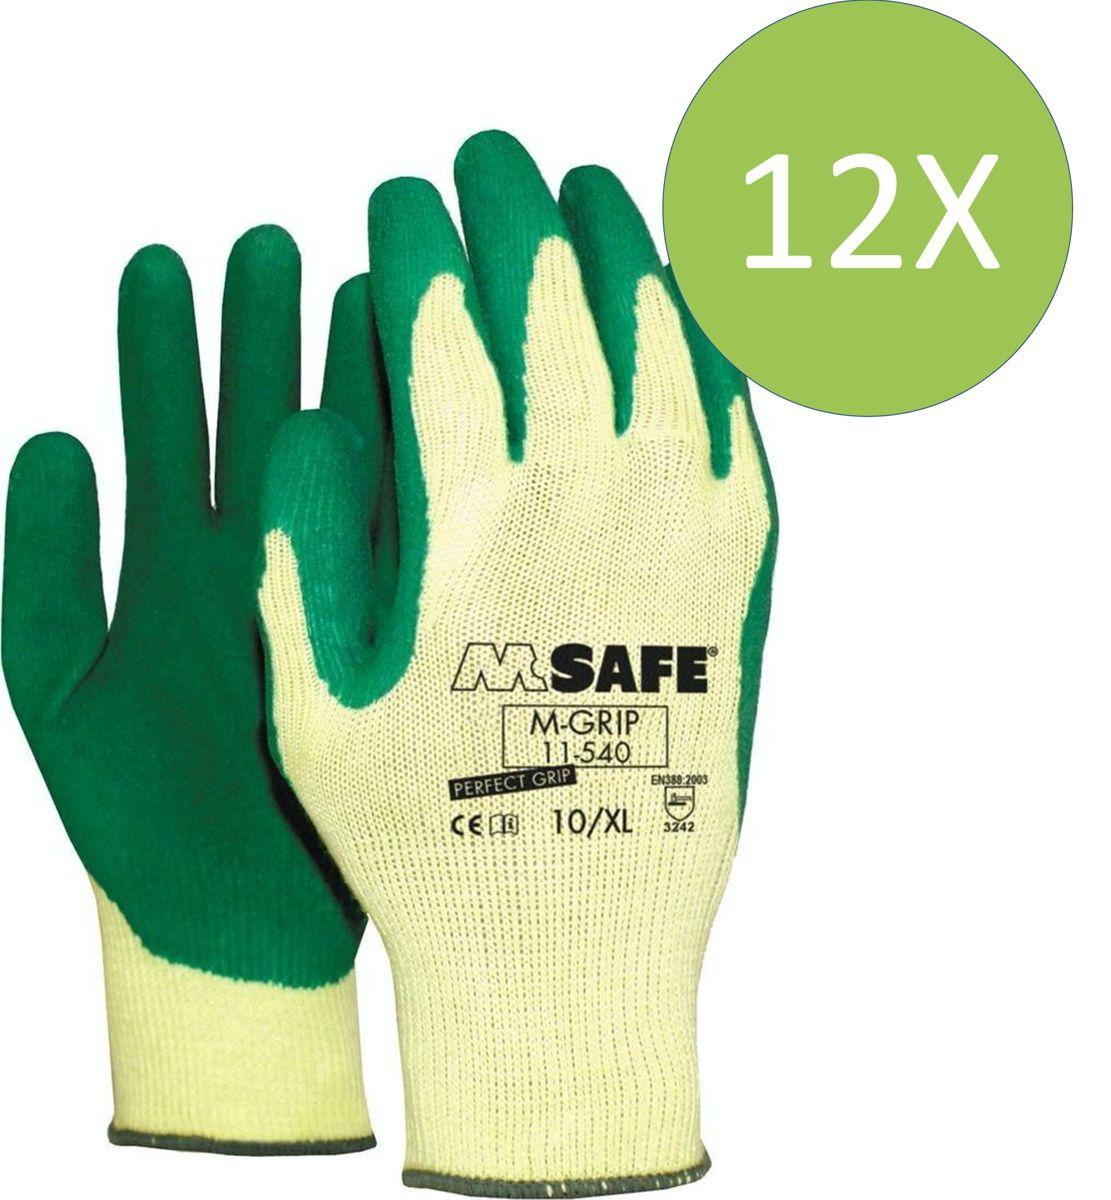 M-grip handschoen 11-540 - 9 - 12 paar